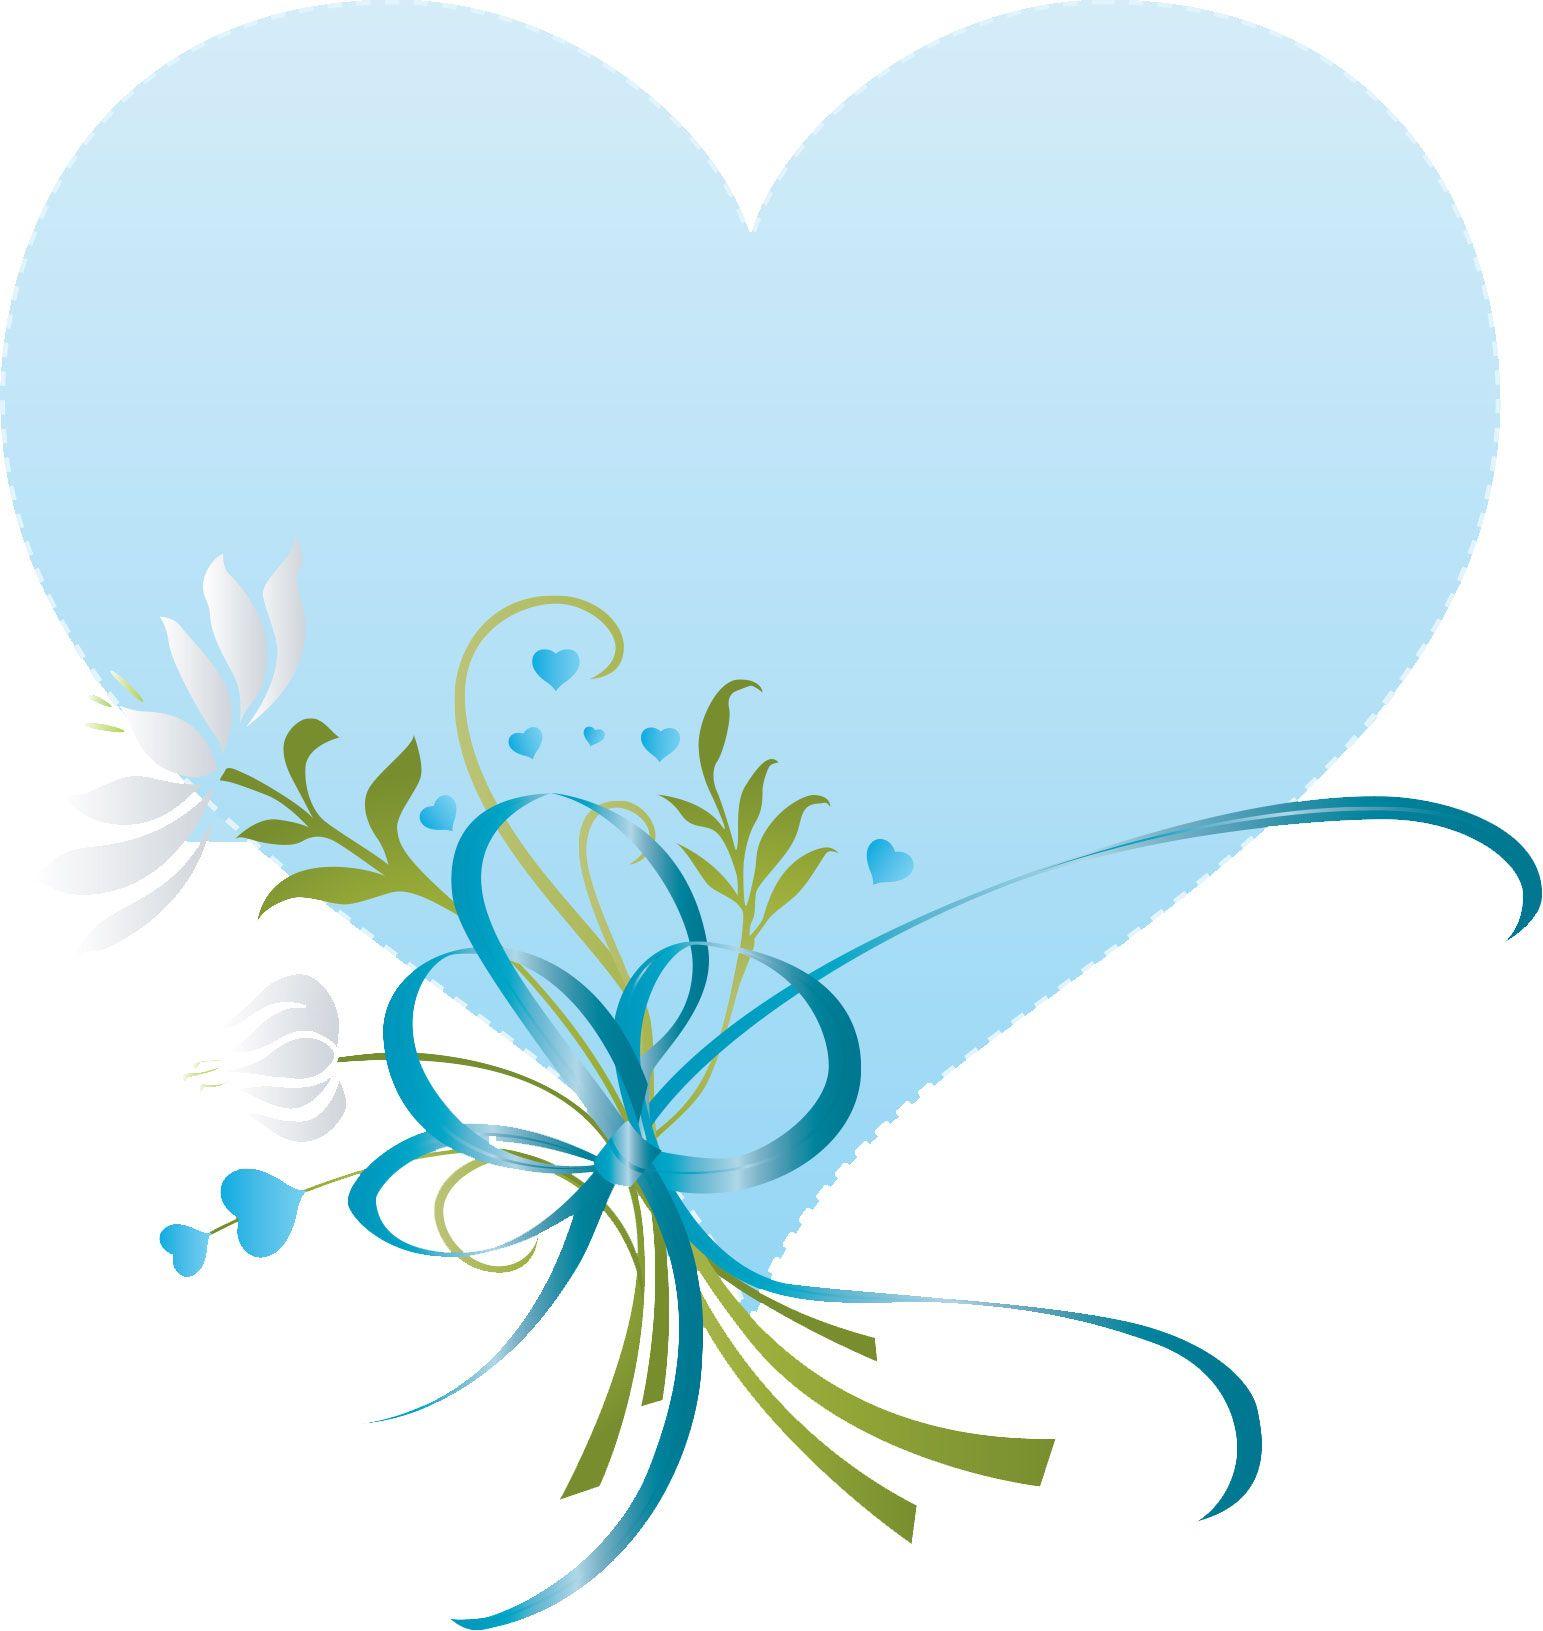 ハートマークの見本 ハートと花束 青 Home Decor Decals Decor Heart